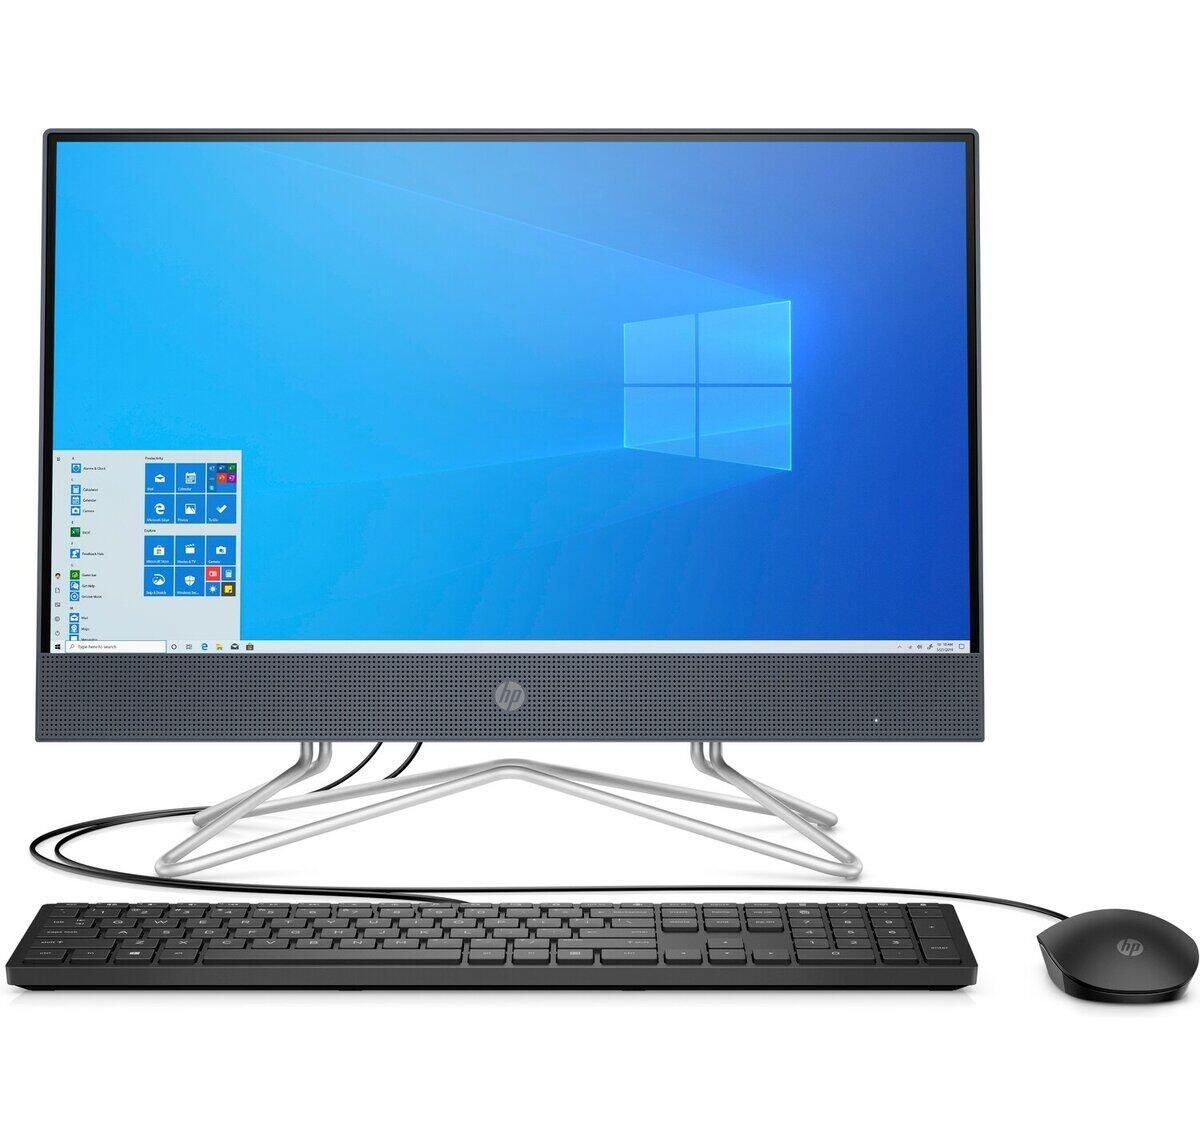 HP AIO 22-DF0212D ALL IN ONE DESKTOP AMD RYZEN 3 3250U 4GB DDR4 1TB DVDRW AMD RADEON KB+MSE 21.5